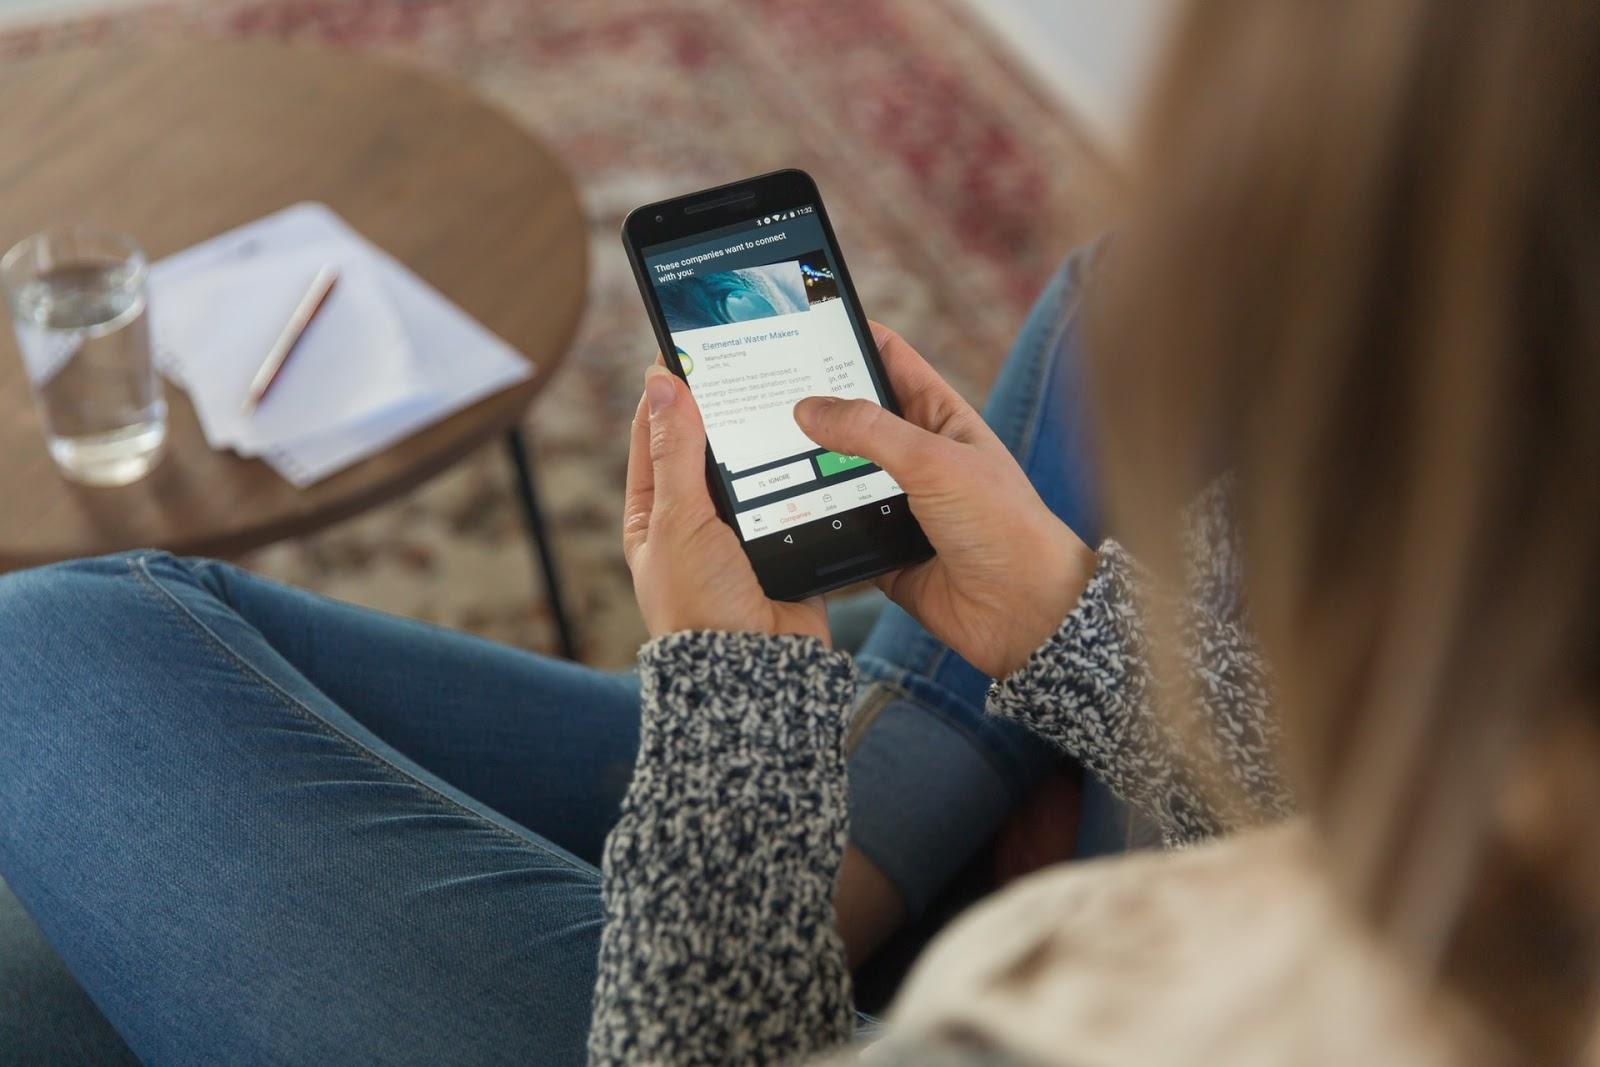 Tânără care citește mesajele personalizate primite pe telefonul mobil